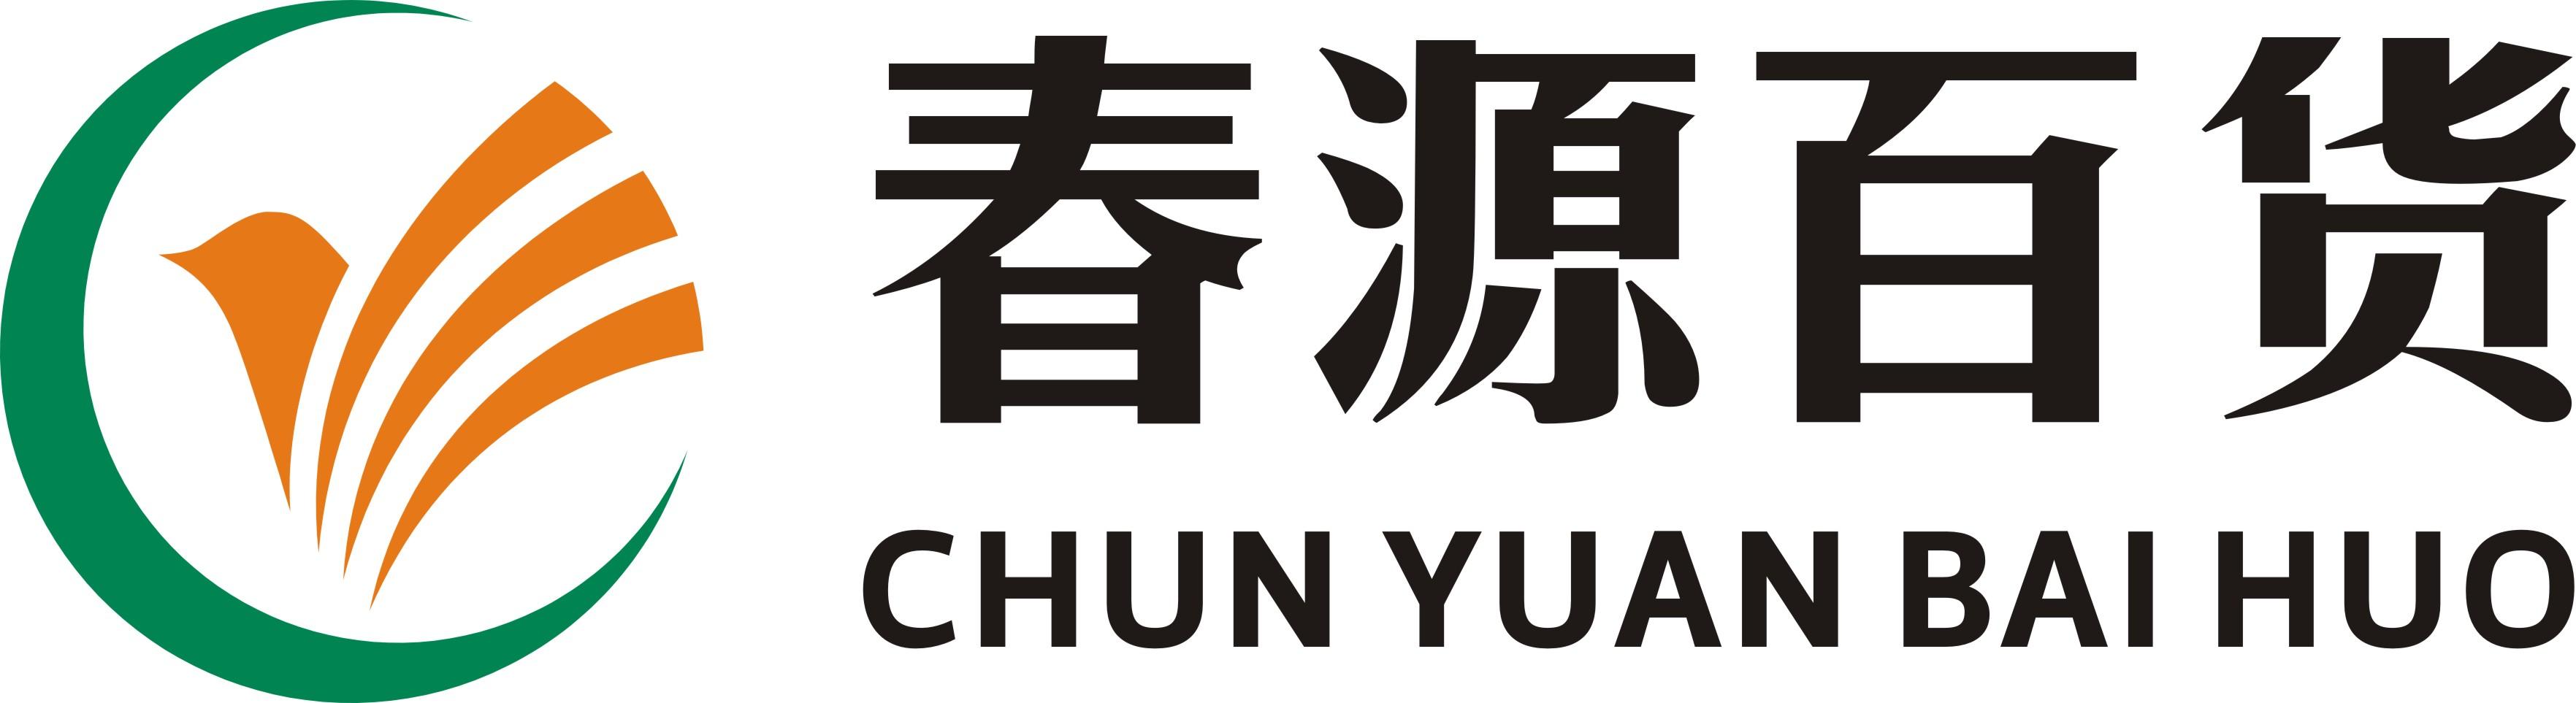 logo 标识 标志 设计 矢量 矢量图 素材 图标 3527_963